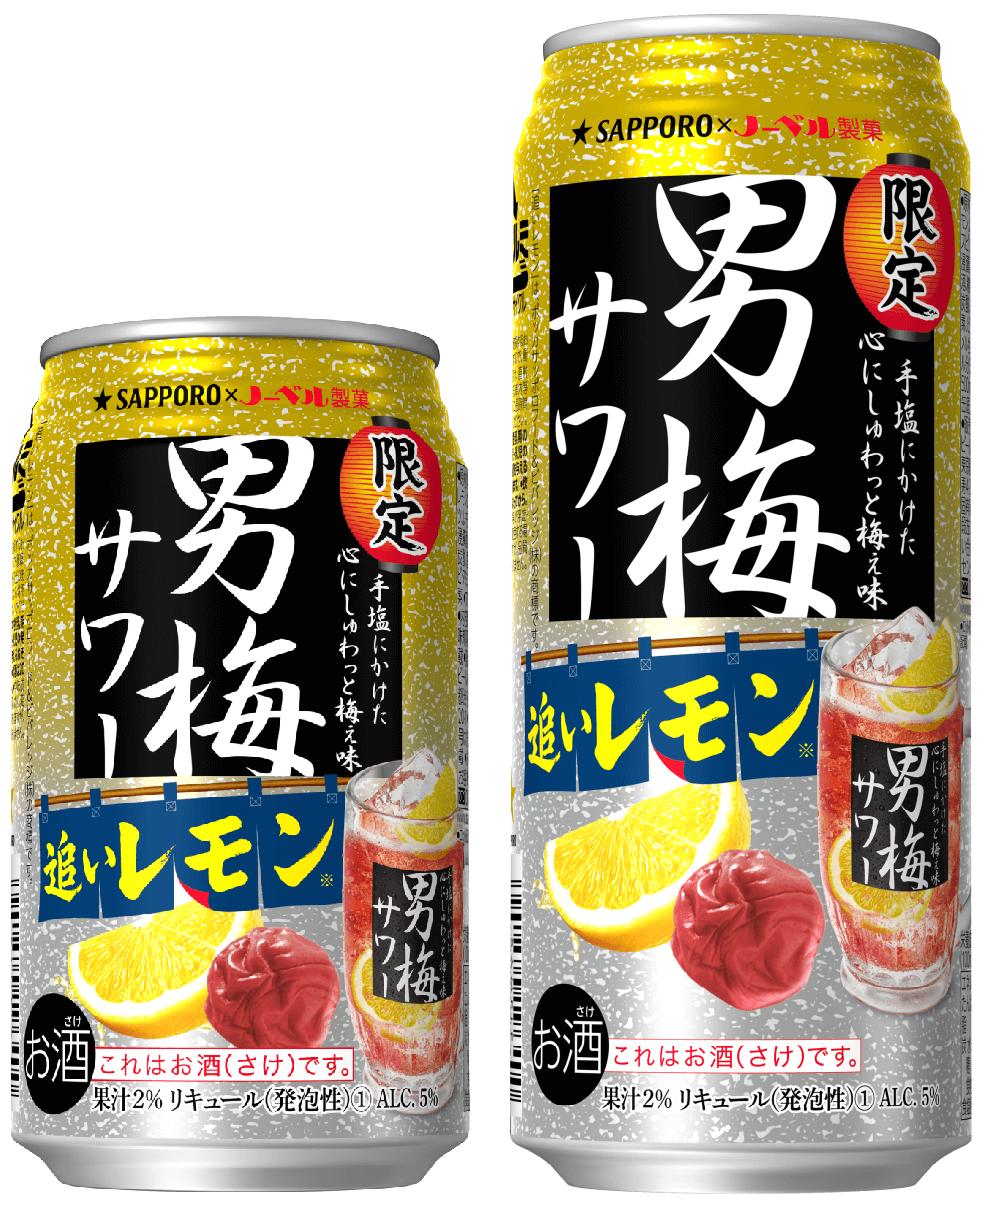 『サッポロ 男梅サワー 追いレモン』